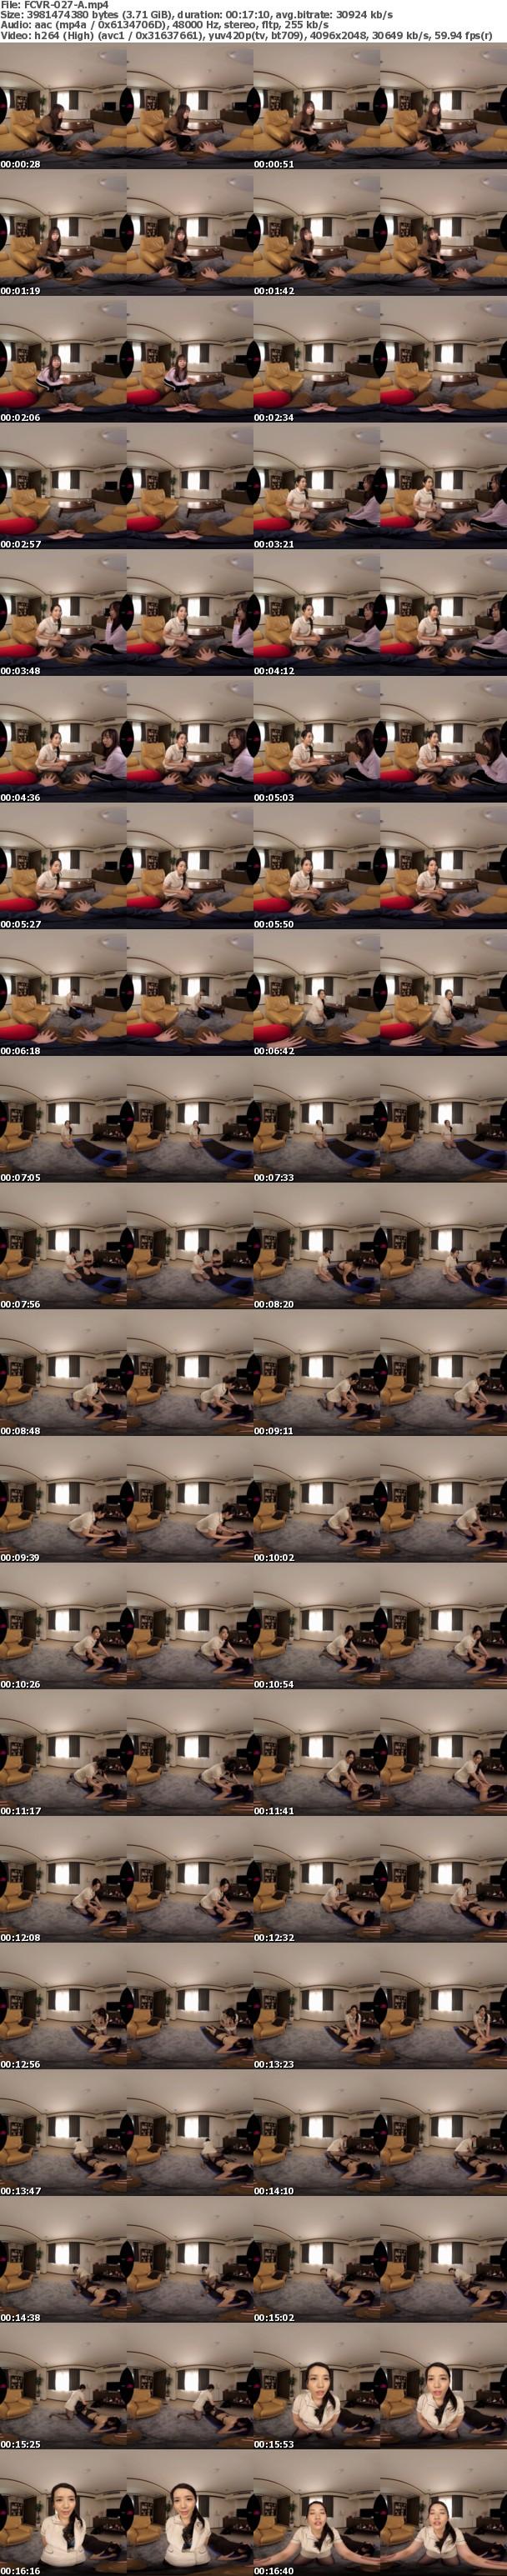 (VR) FCVR-027 【Fitch肉感VR】 碓氷れんVR解禁!女性専門の出張エステティシャンが極上の施術で僕の妻を寝かしつけた途端に 鼻腔を刺激する卑猥なメスの匂いを漂わせながら涎を垂れ流すほど濃密なSEXで寝取られちゃいました!